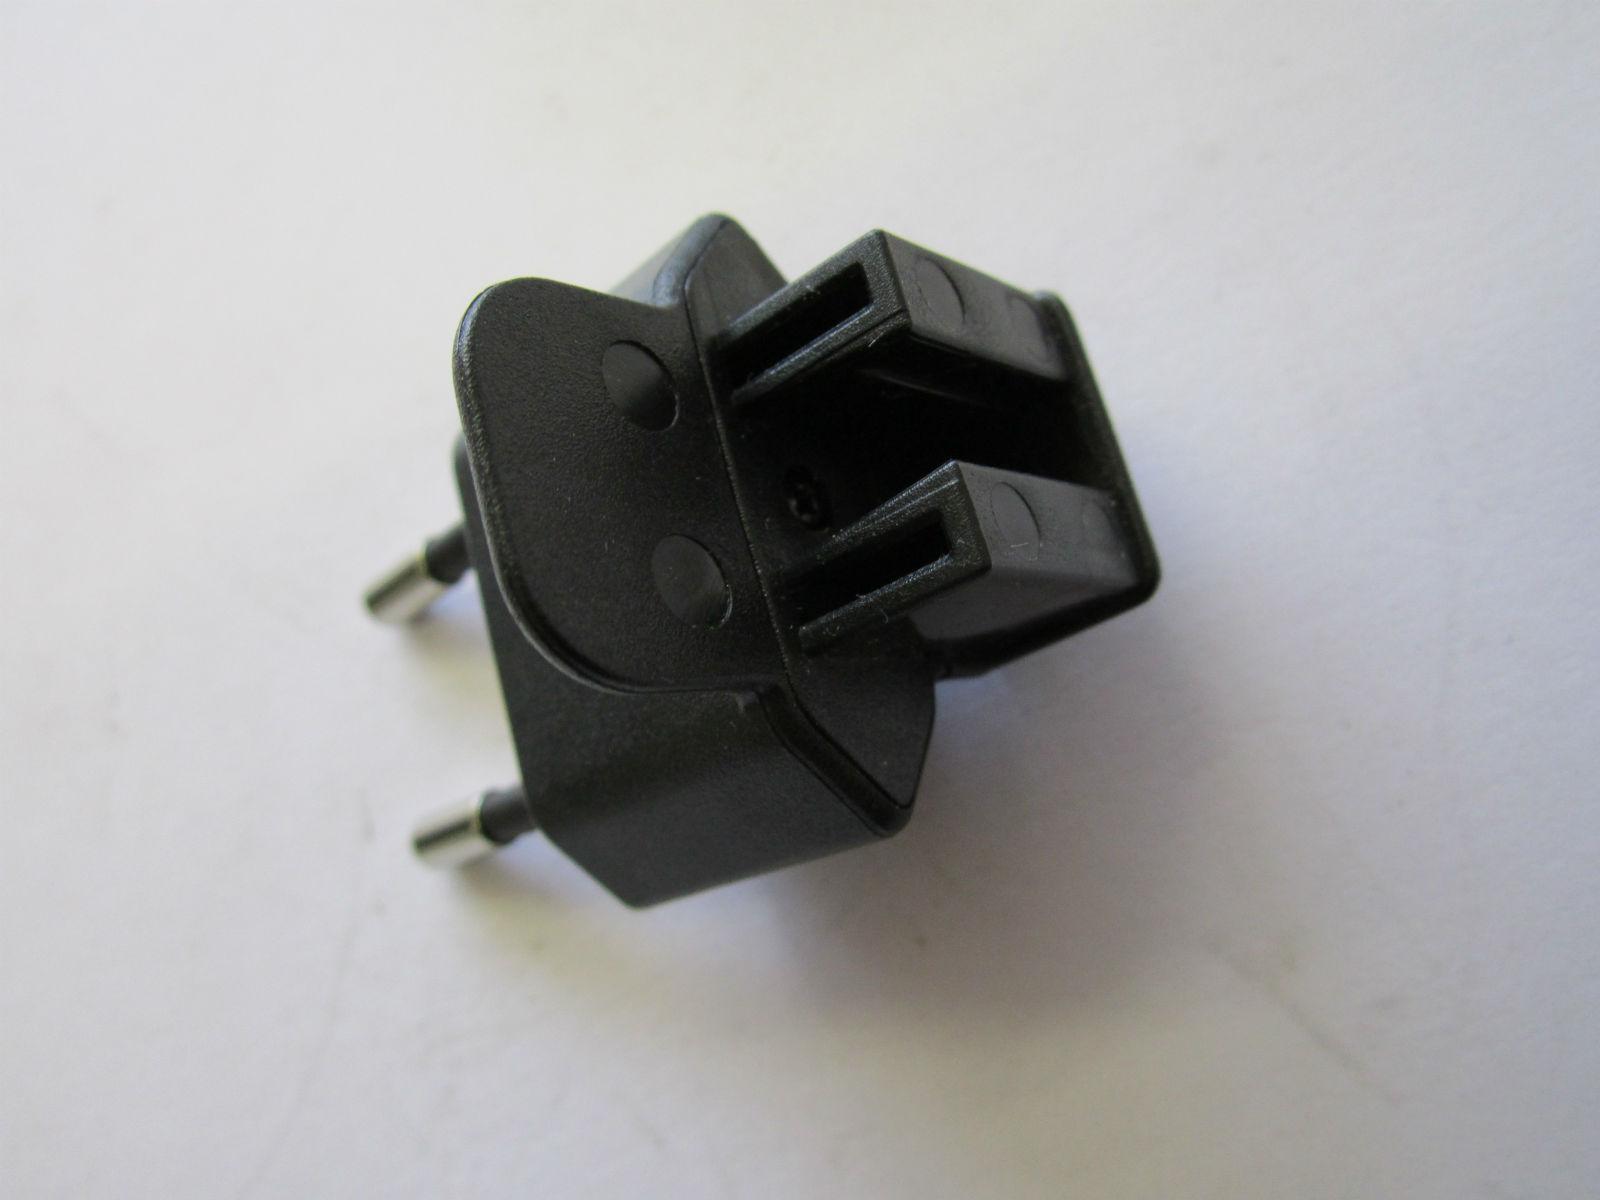 EU Slide Attachment Plug Piece for APD Asian Power Devices Adaptor